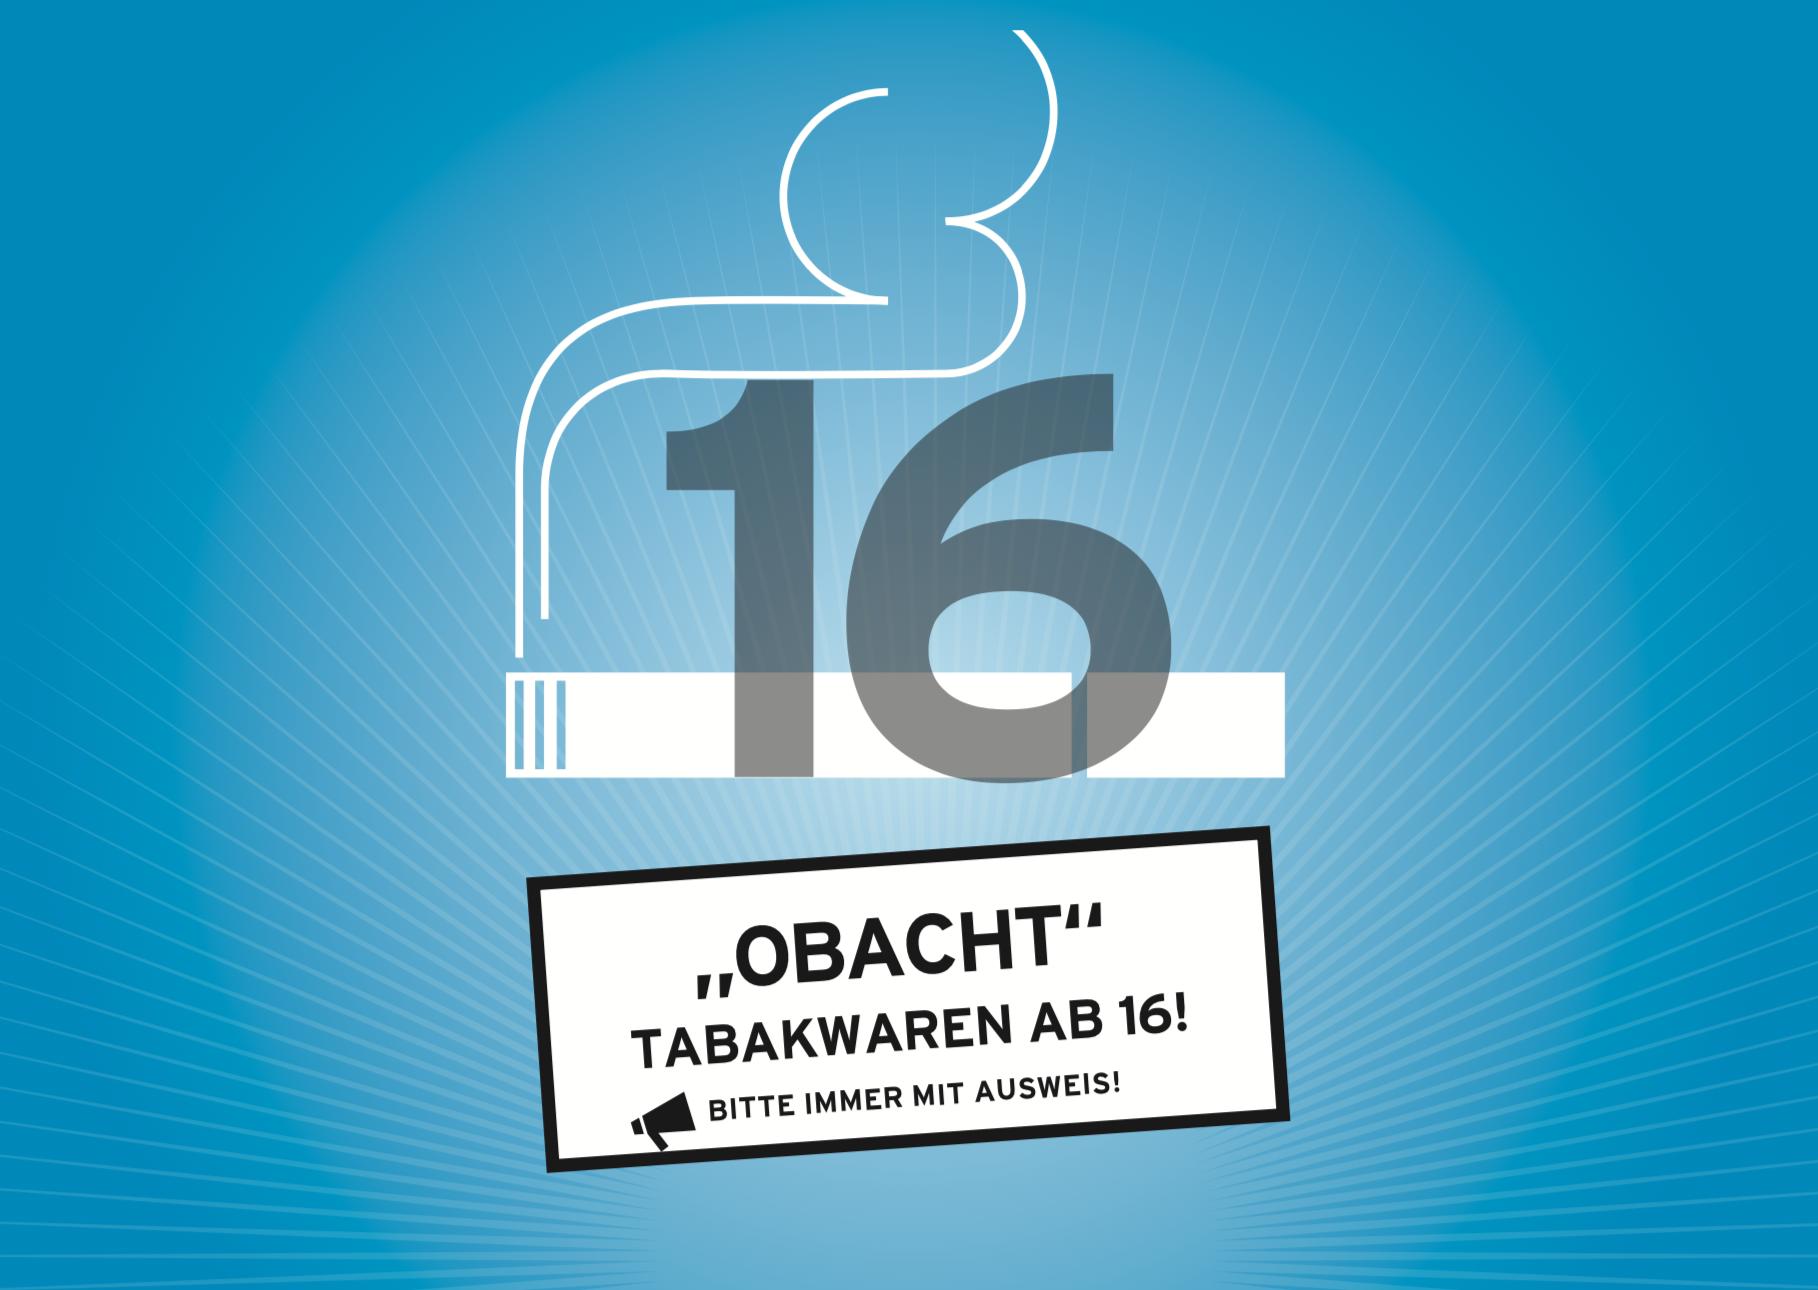 Nach dem Vorarlberg Jugendgesetz ist es nicht zulässig, alkoholische Getränke und Tabakwaren an Jugendliche unter 16 Jahren bzw. gebrannte alkoholische Getränke und solche enthaltende Mischgetränke (darunter fallen auch Alkopops) an unter 18 Jährige abzugeben.